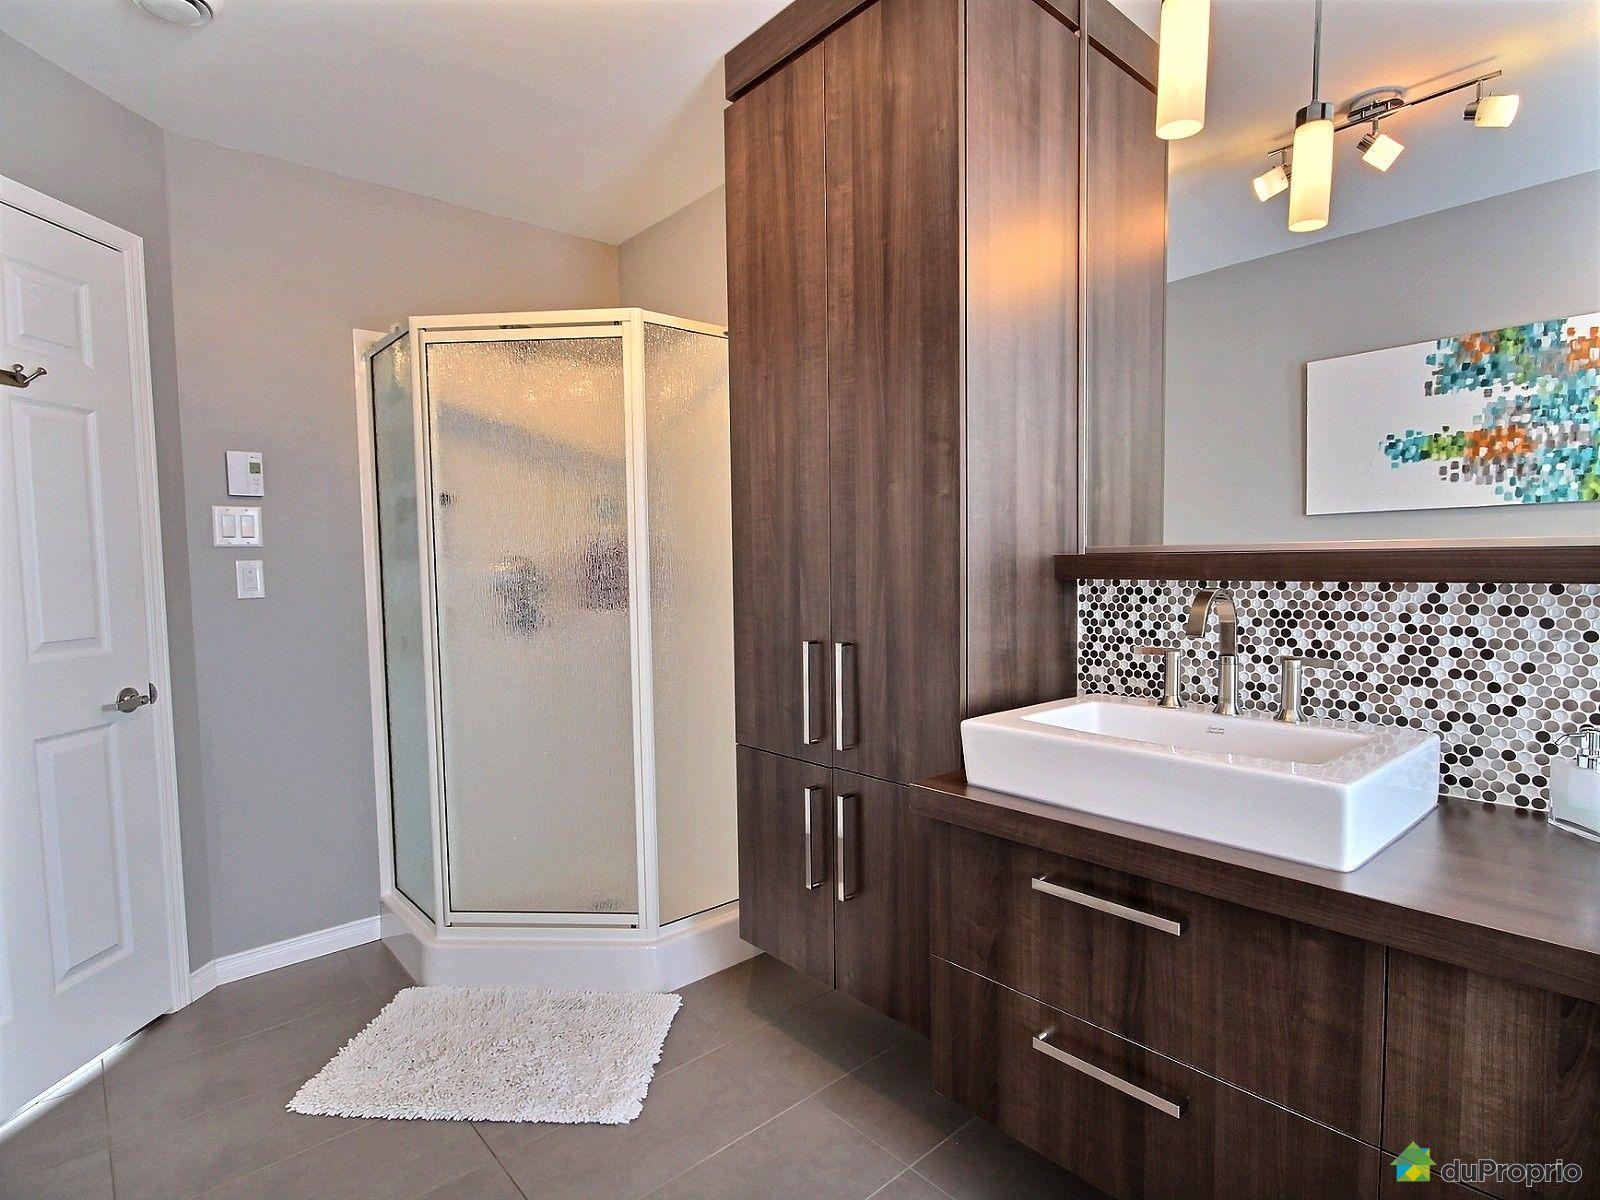 Aquarine Salle De Bain ~ vanite salle de bain a vendre maison design afsoc us